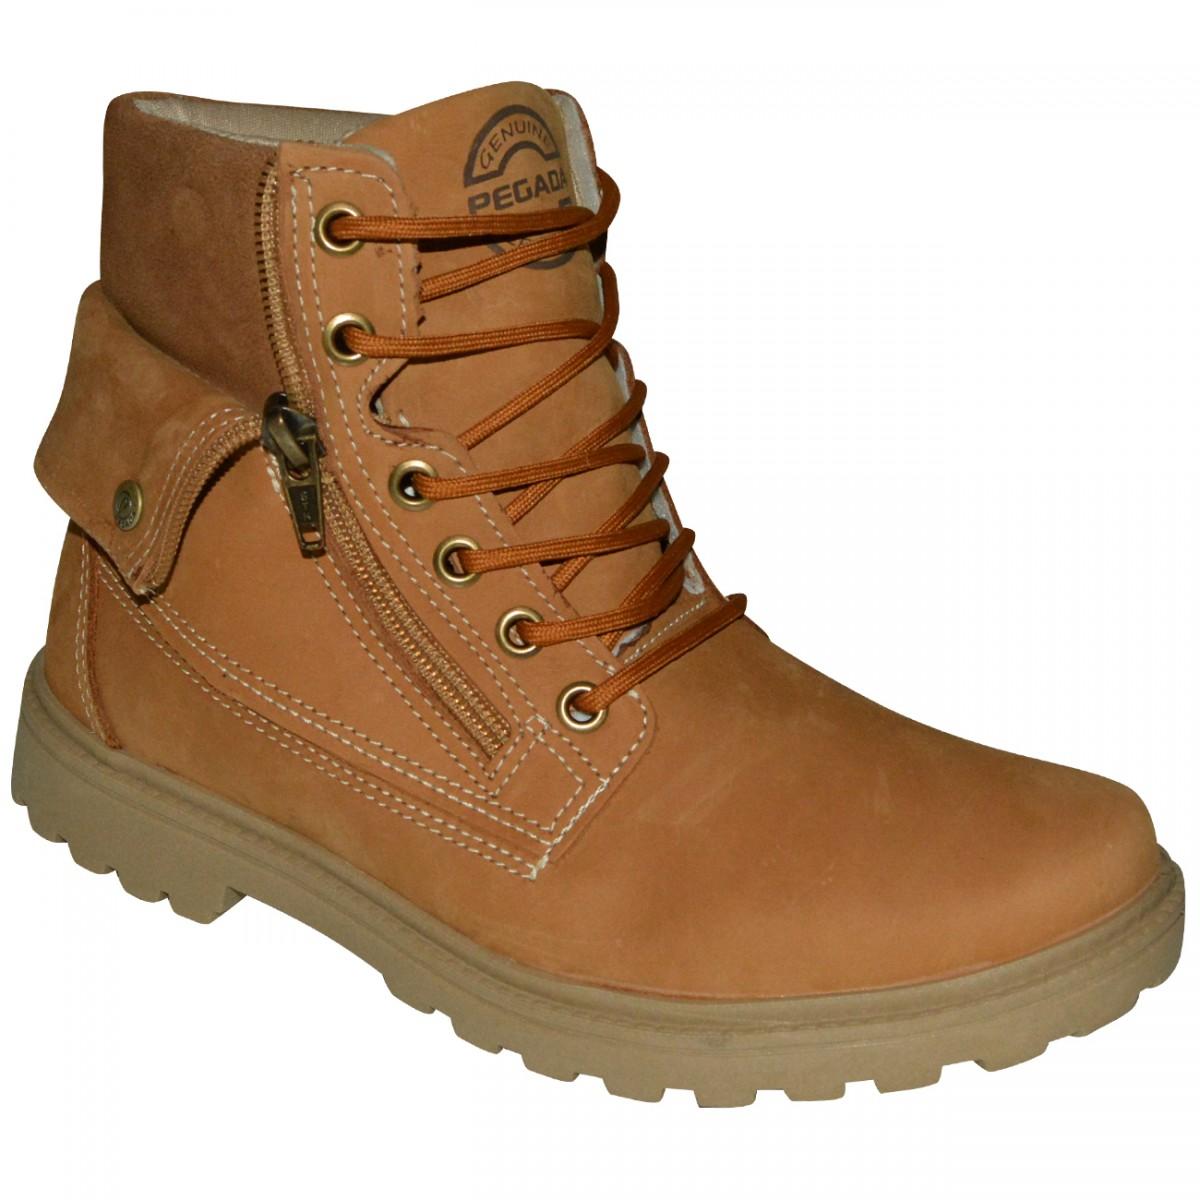 d2c24344a8 Bota Pegada 280001 280001 06 - Whisky/Tabaco - Chuteira Nike, Adidas.  Sandalias Femininas. Sandy Calçados